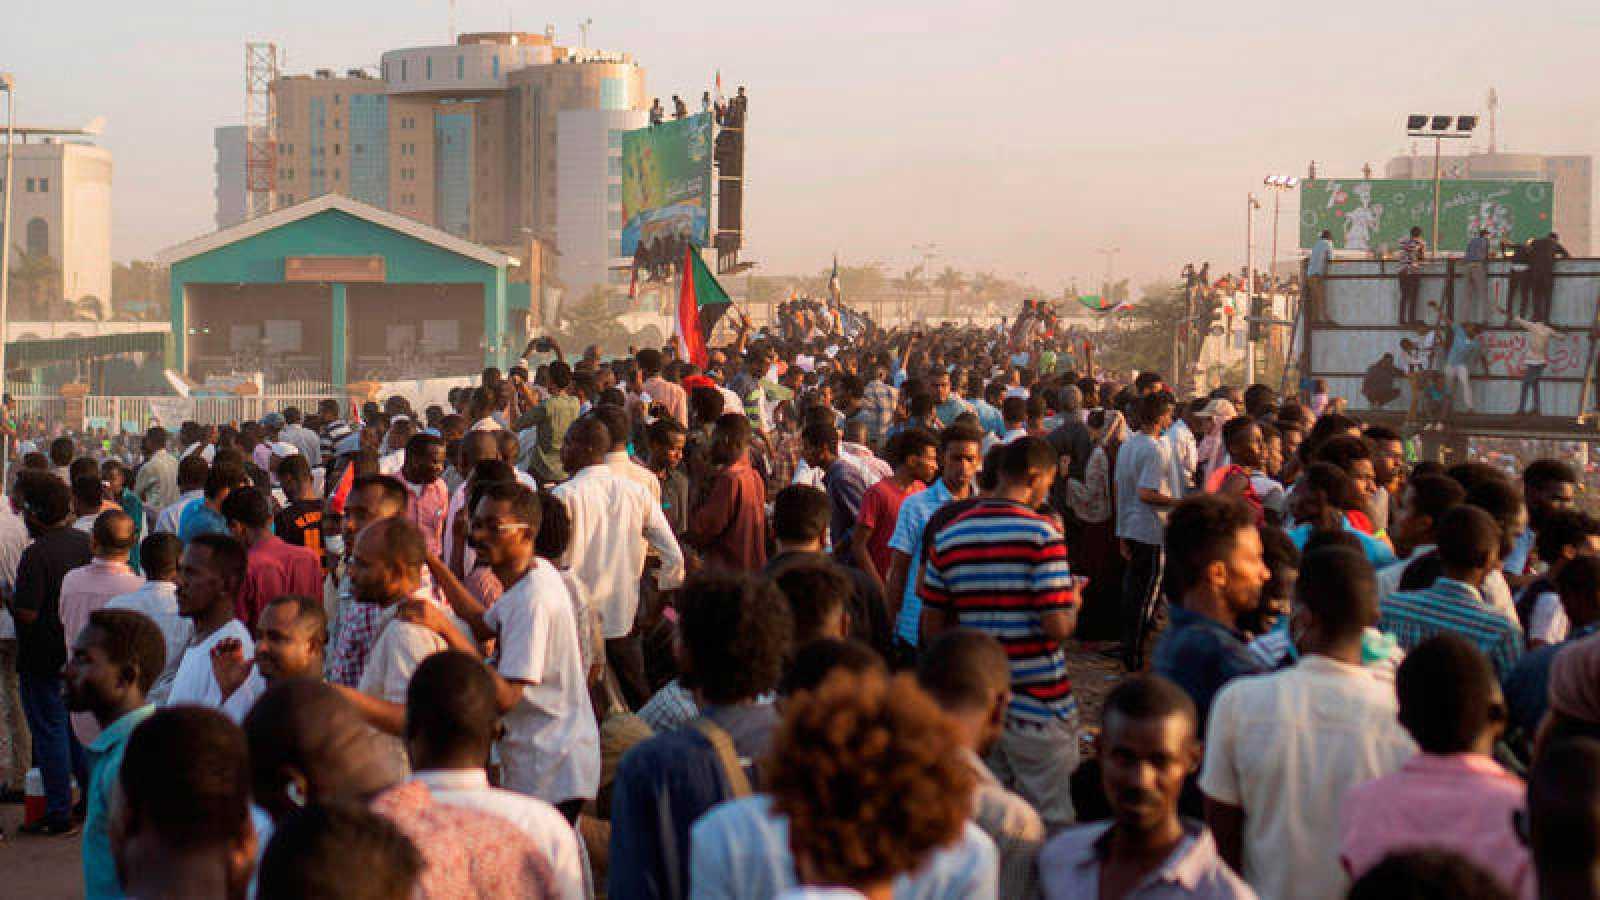 Las protestas se desataron a mediados de diciembre pero han ganado protagonismo desde la gran sentada delsábado